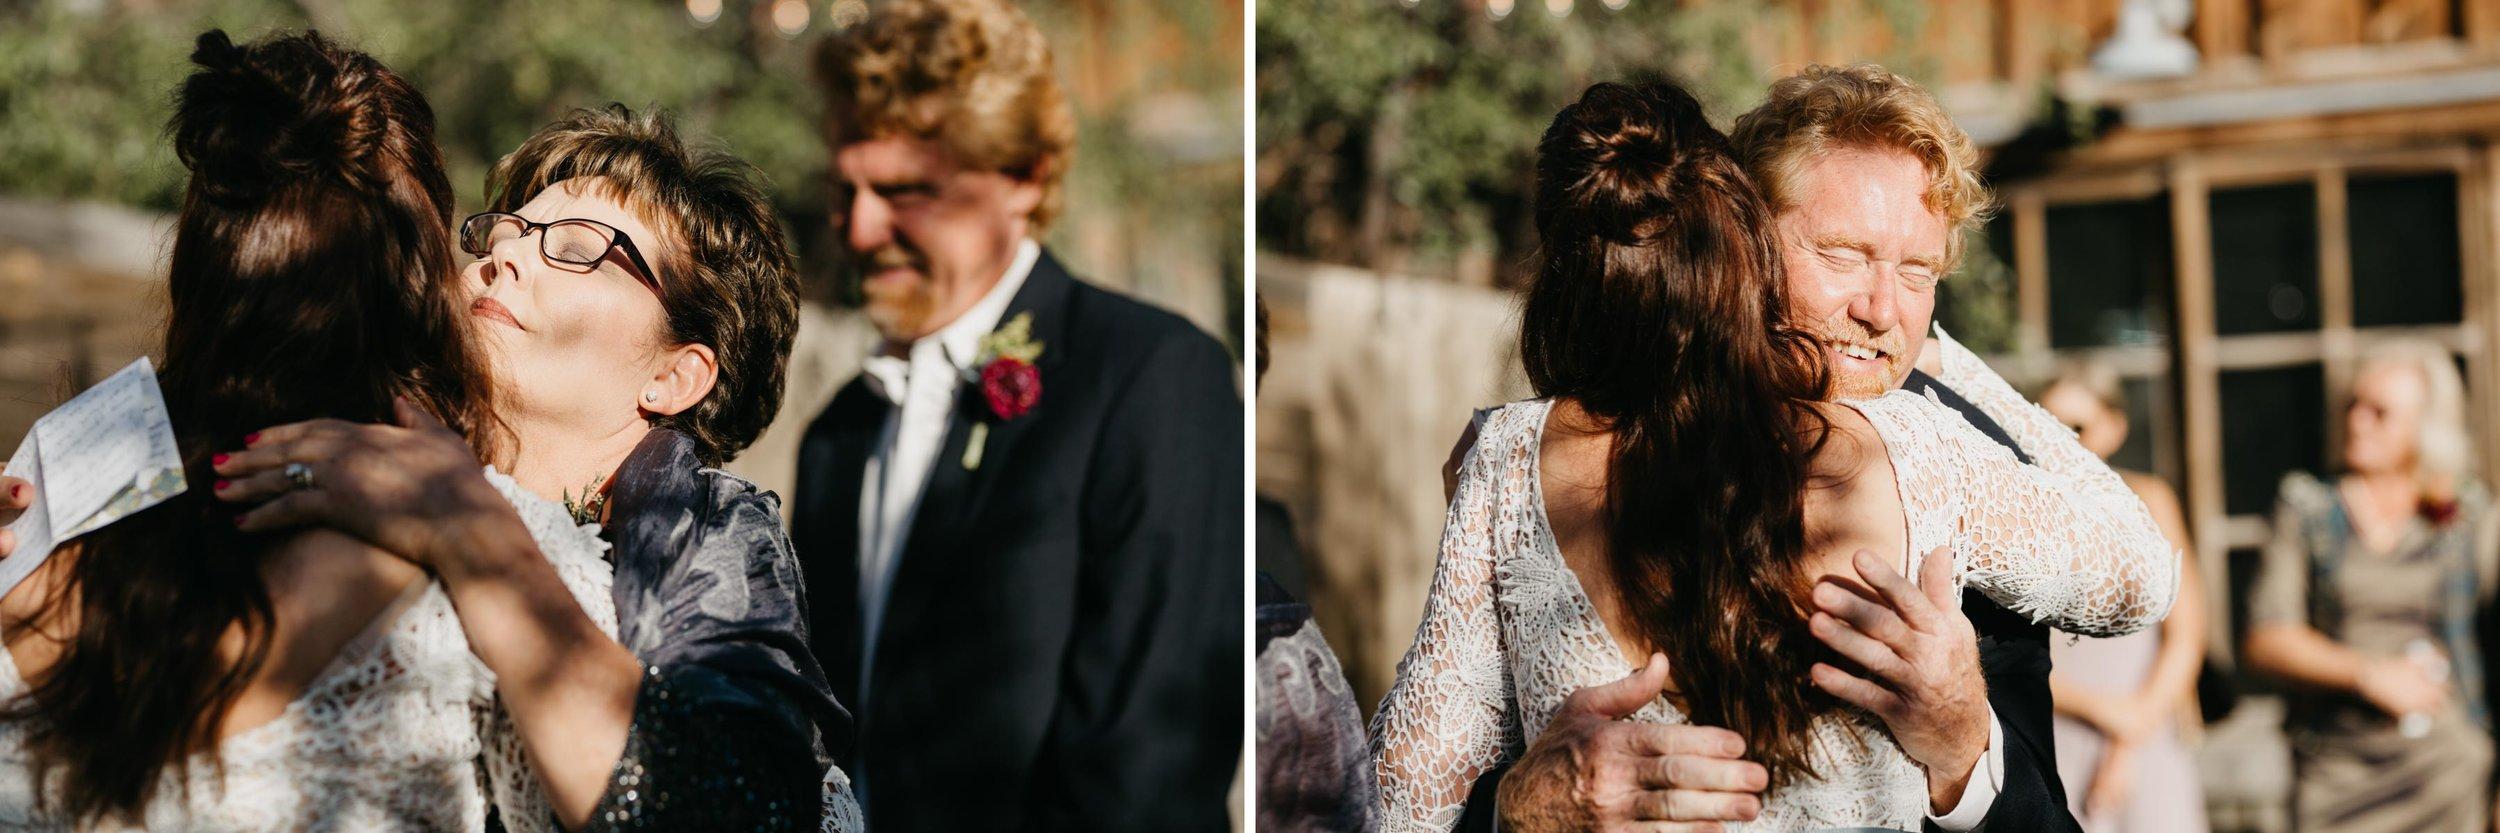 Sundance-Wedding-Photographer-011.jpg